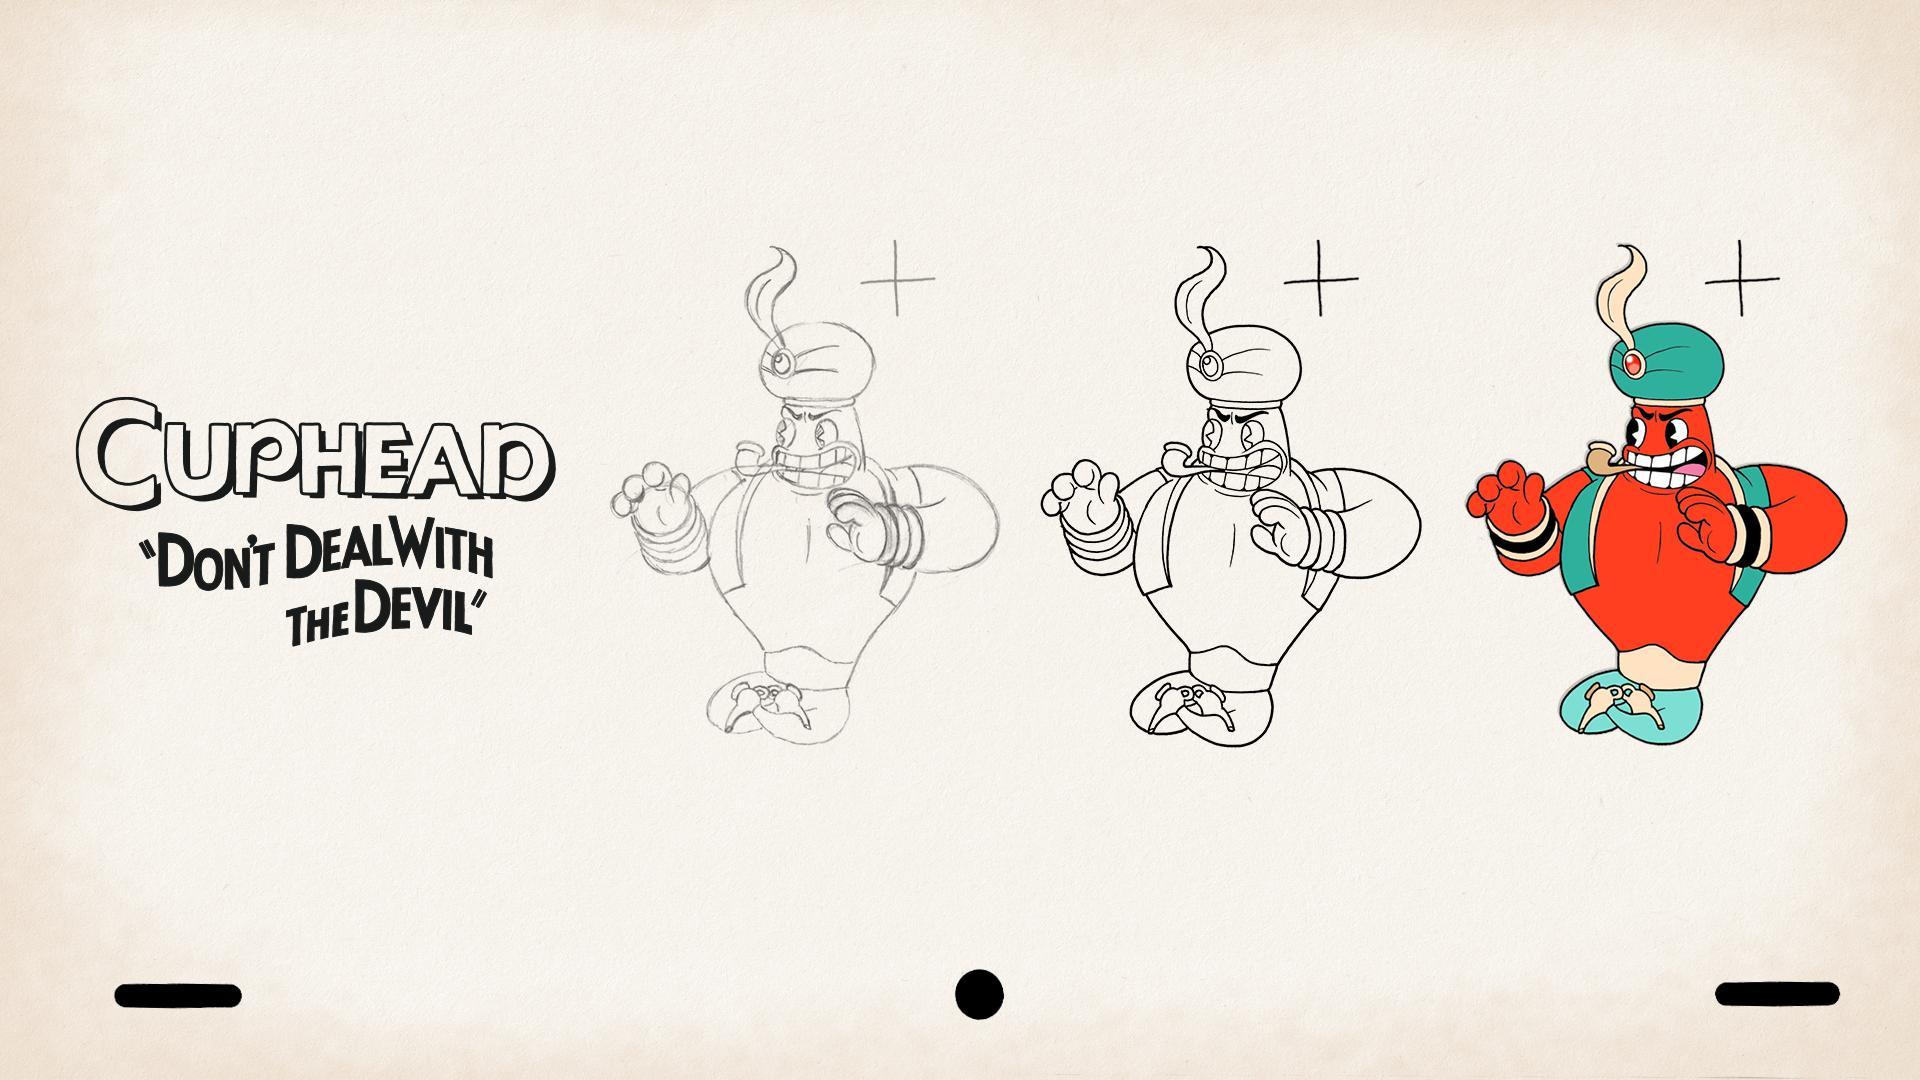 《茶杯头》发售两周年StudioMDHR发布游戏主题壁纸